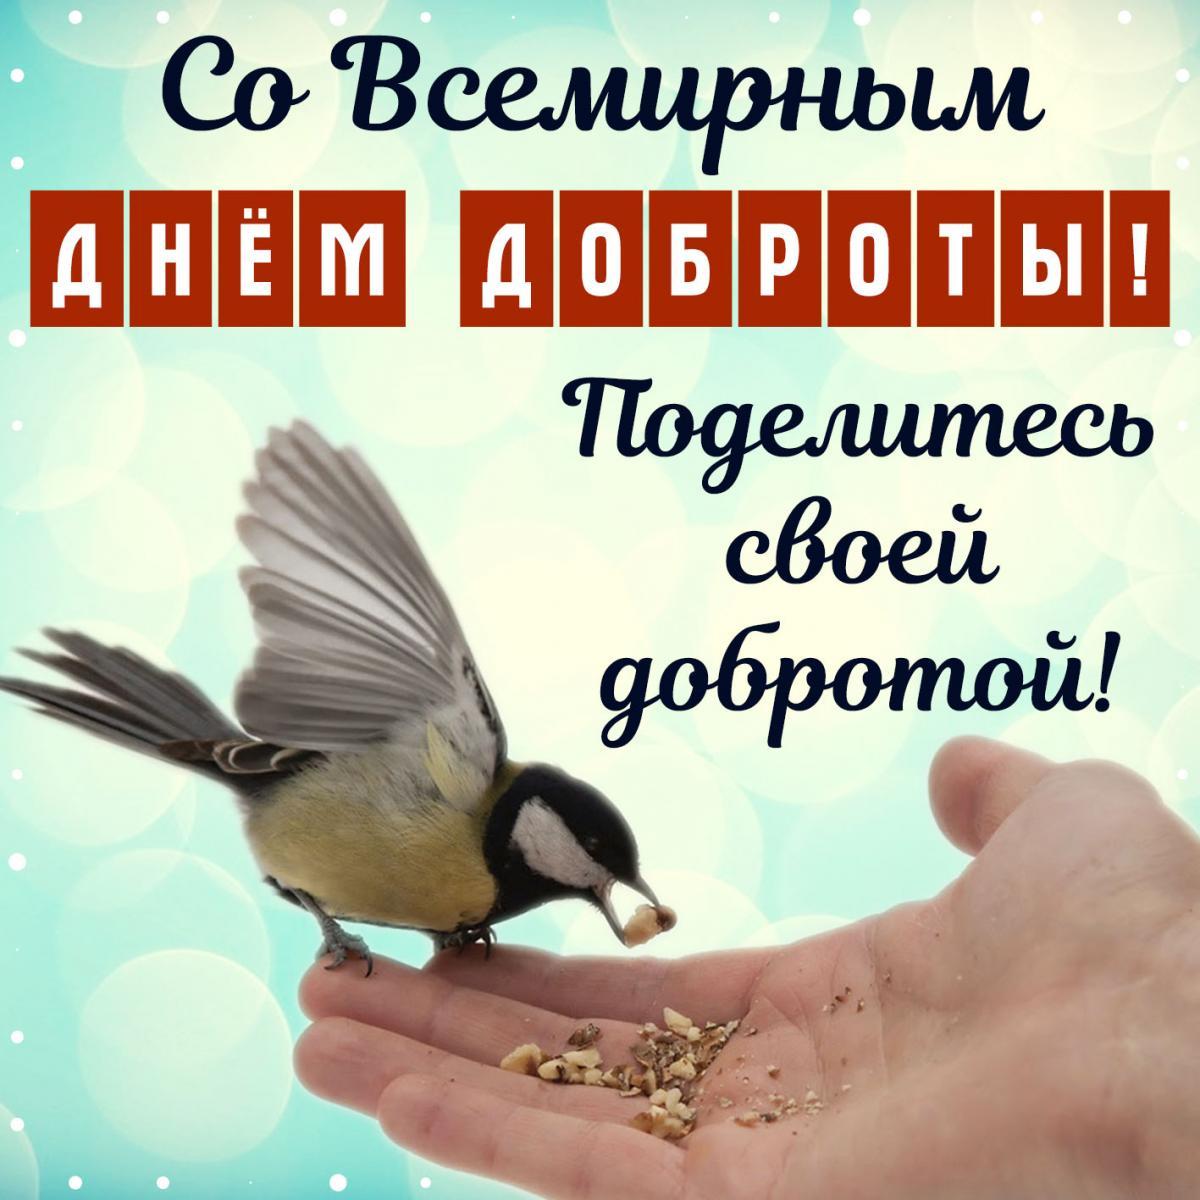 Поздравления с всемирным днем доброты